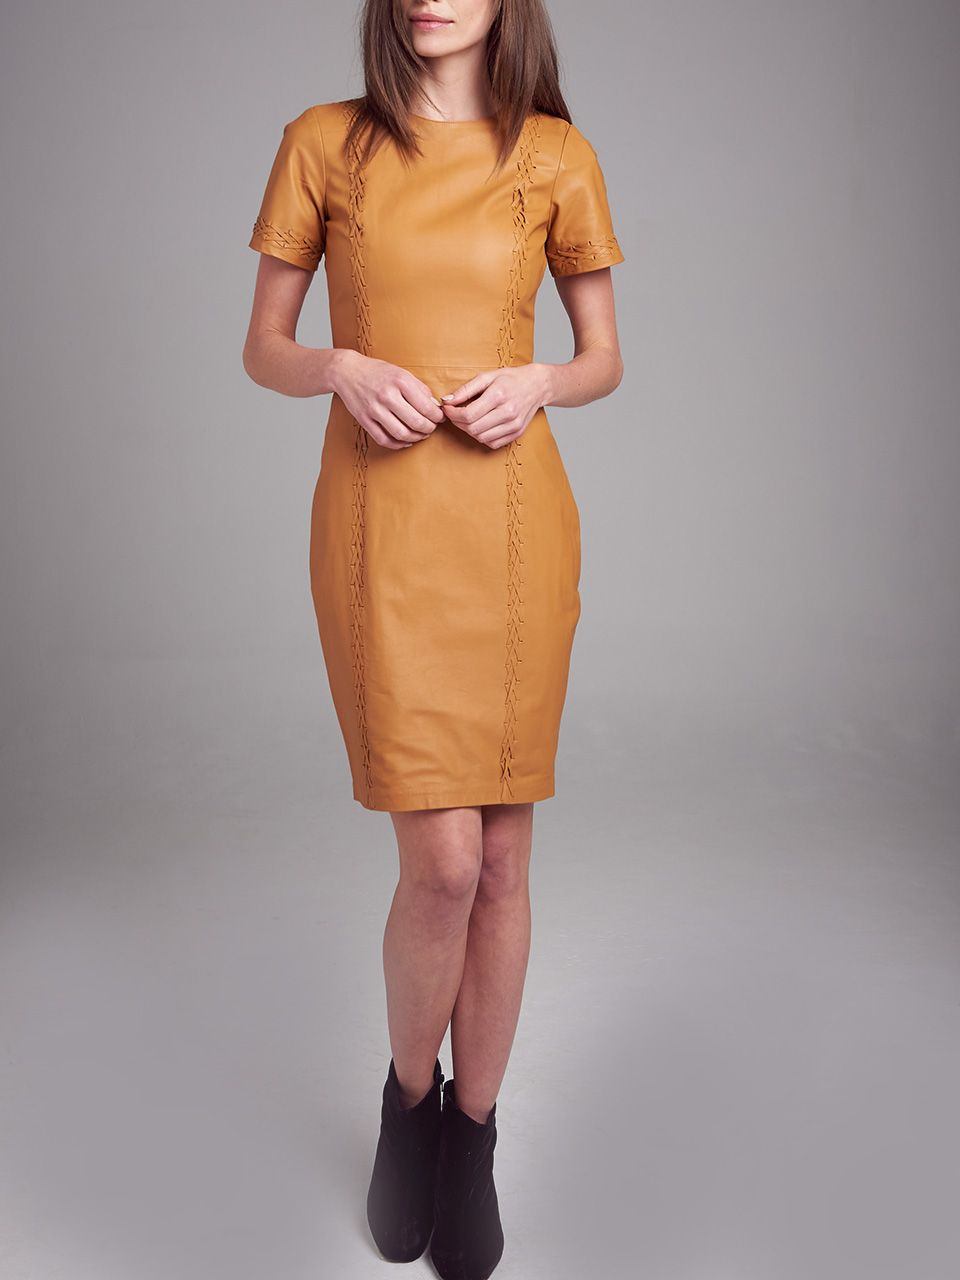 Vestido Liso de Manga Curta com Detalhe em Trice - Liziane Richter